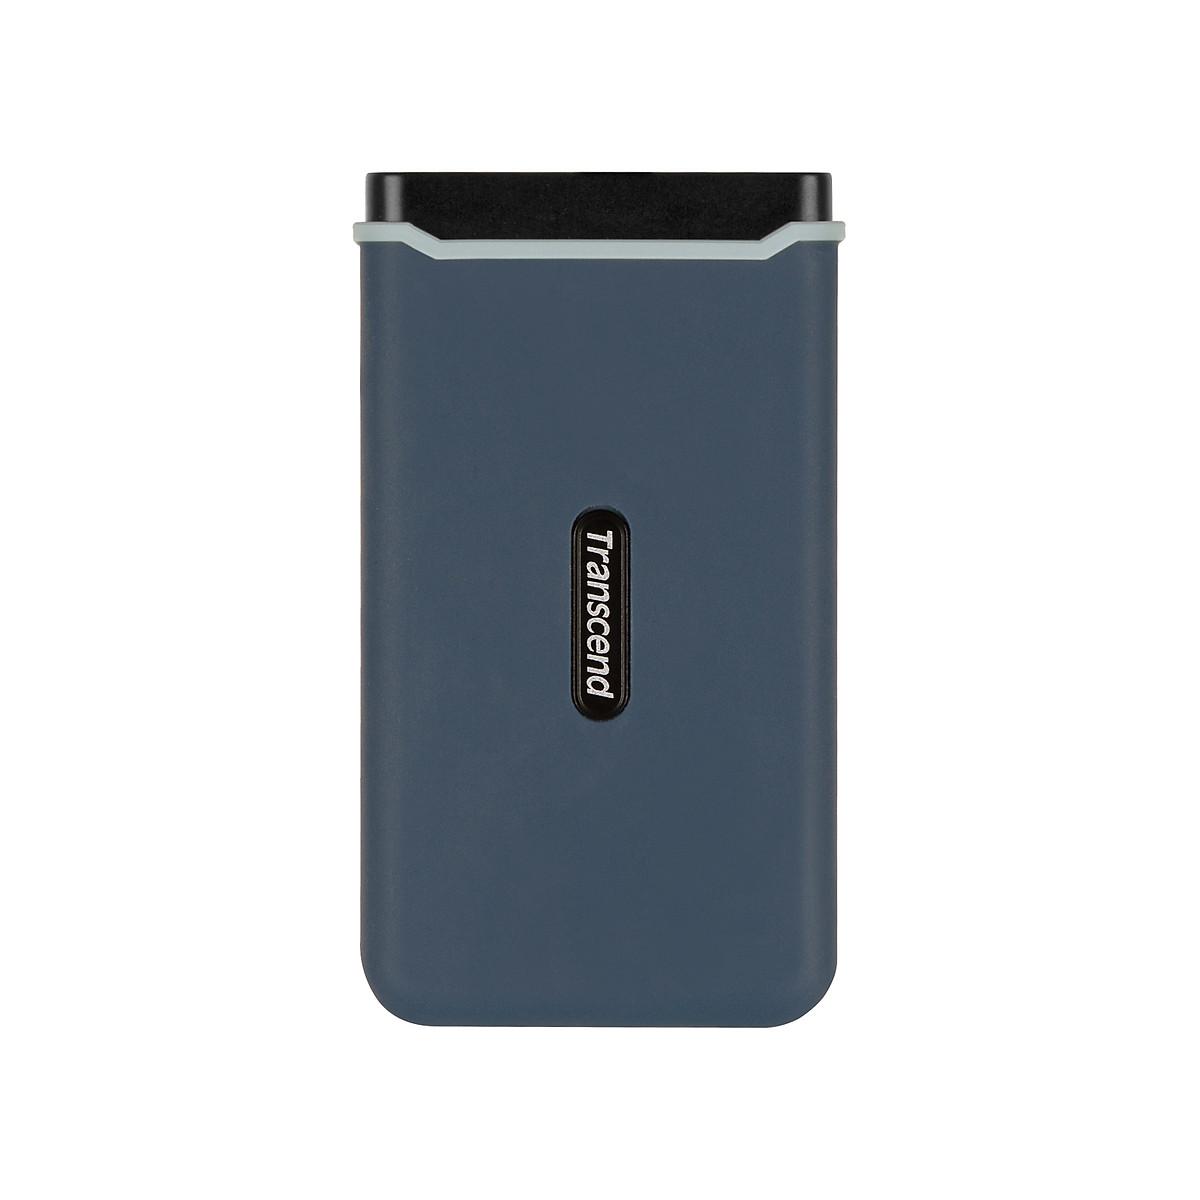 Ổ Cứng Di Động SSD Transcend ESD350C 480GB TLC USB 3.1 – TS480GESD350C – Hàng Chính Hãng